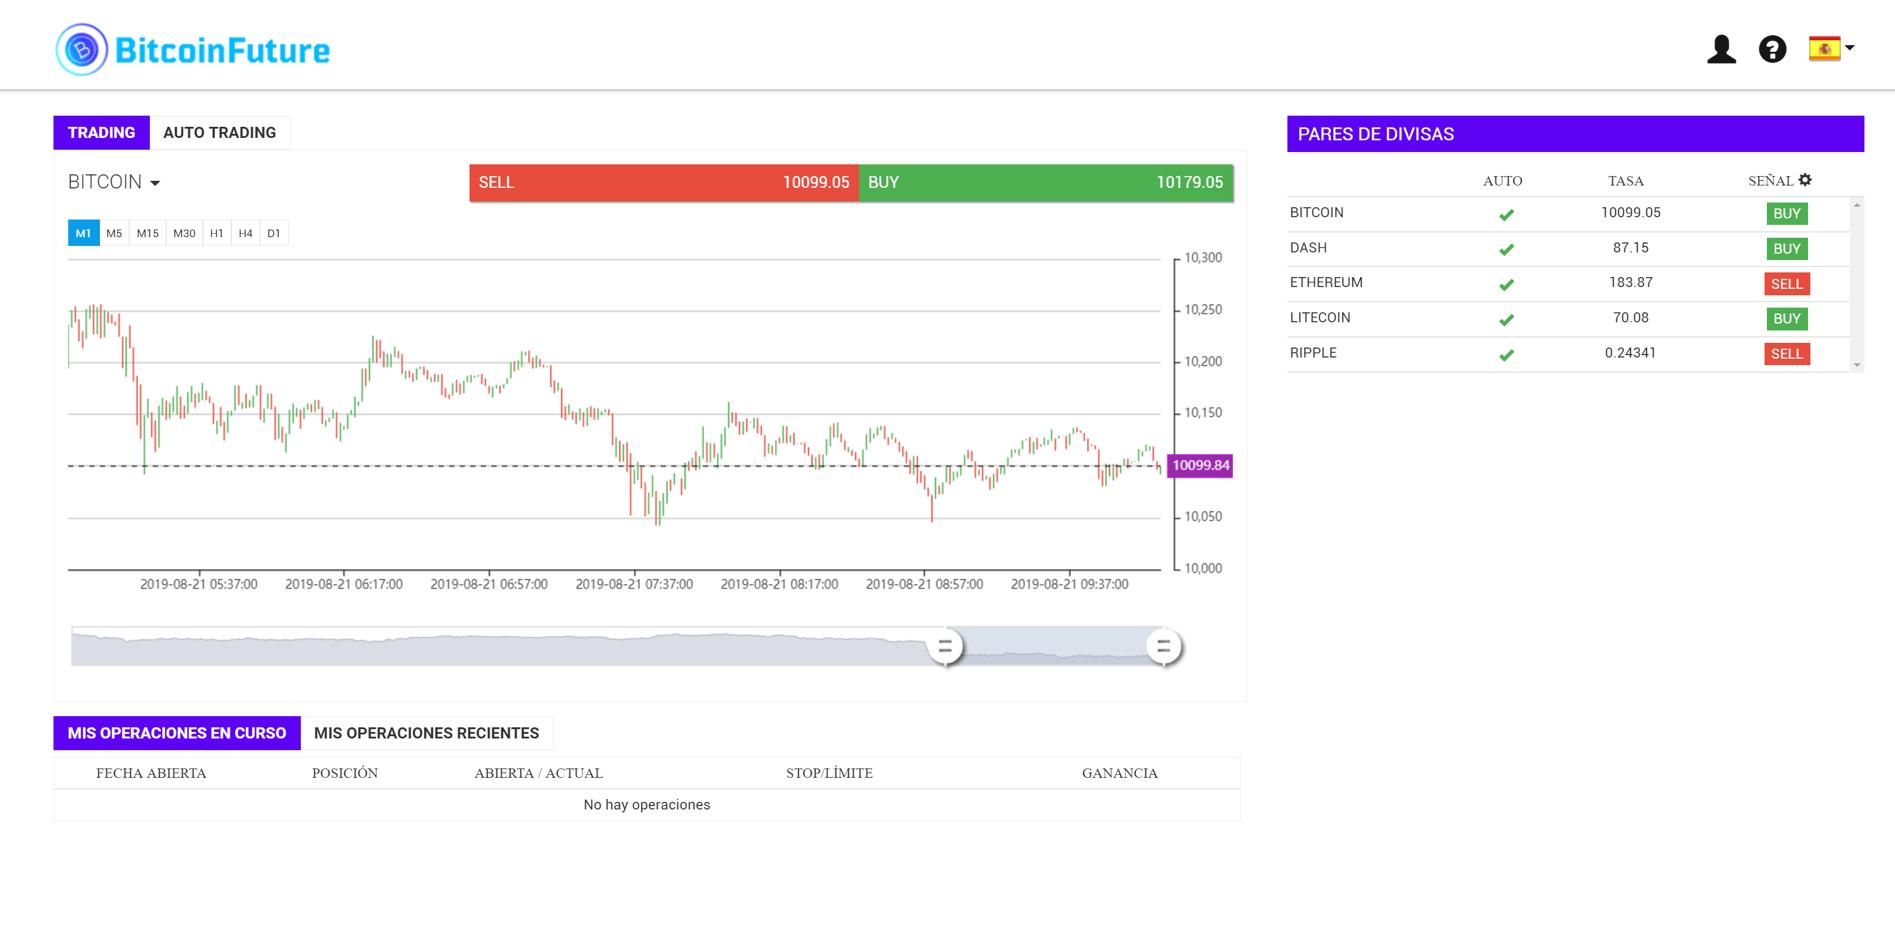 gráficas en bitcoin future